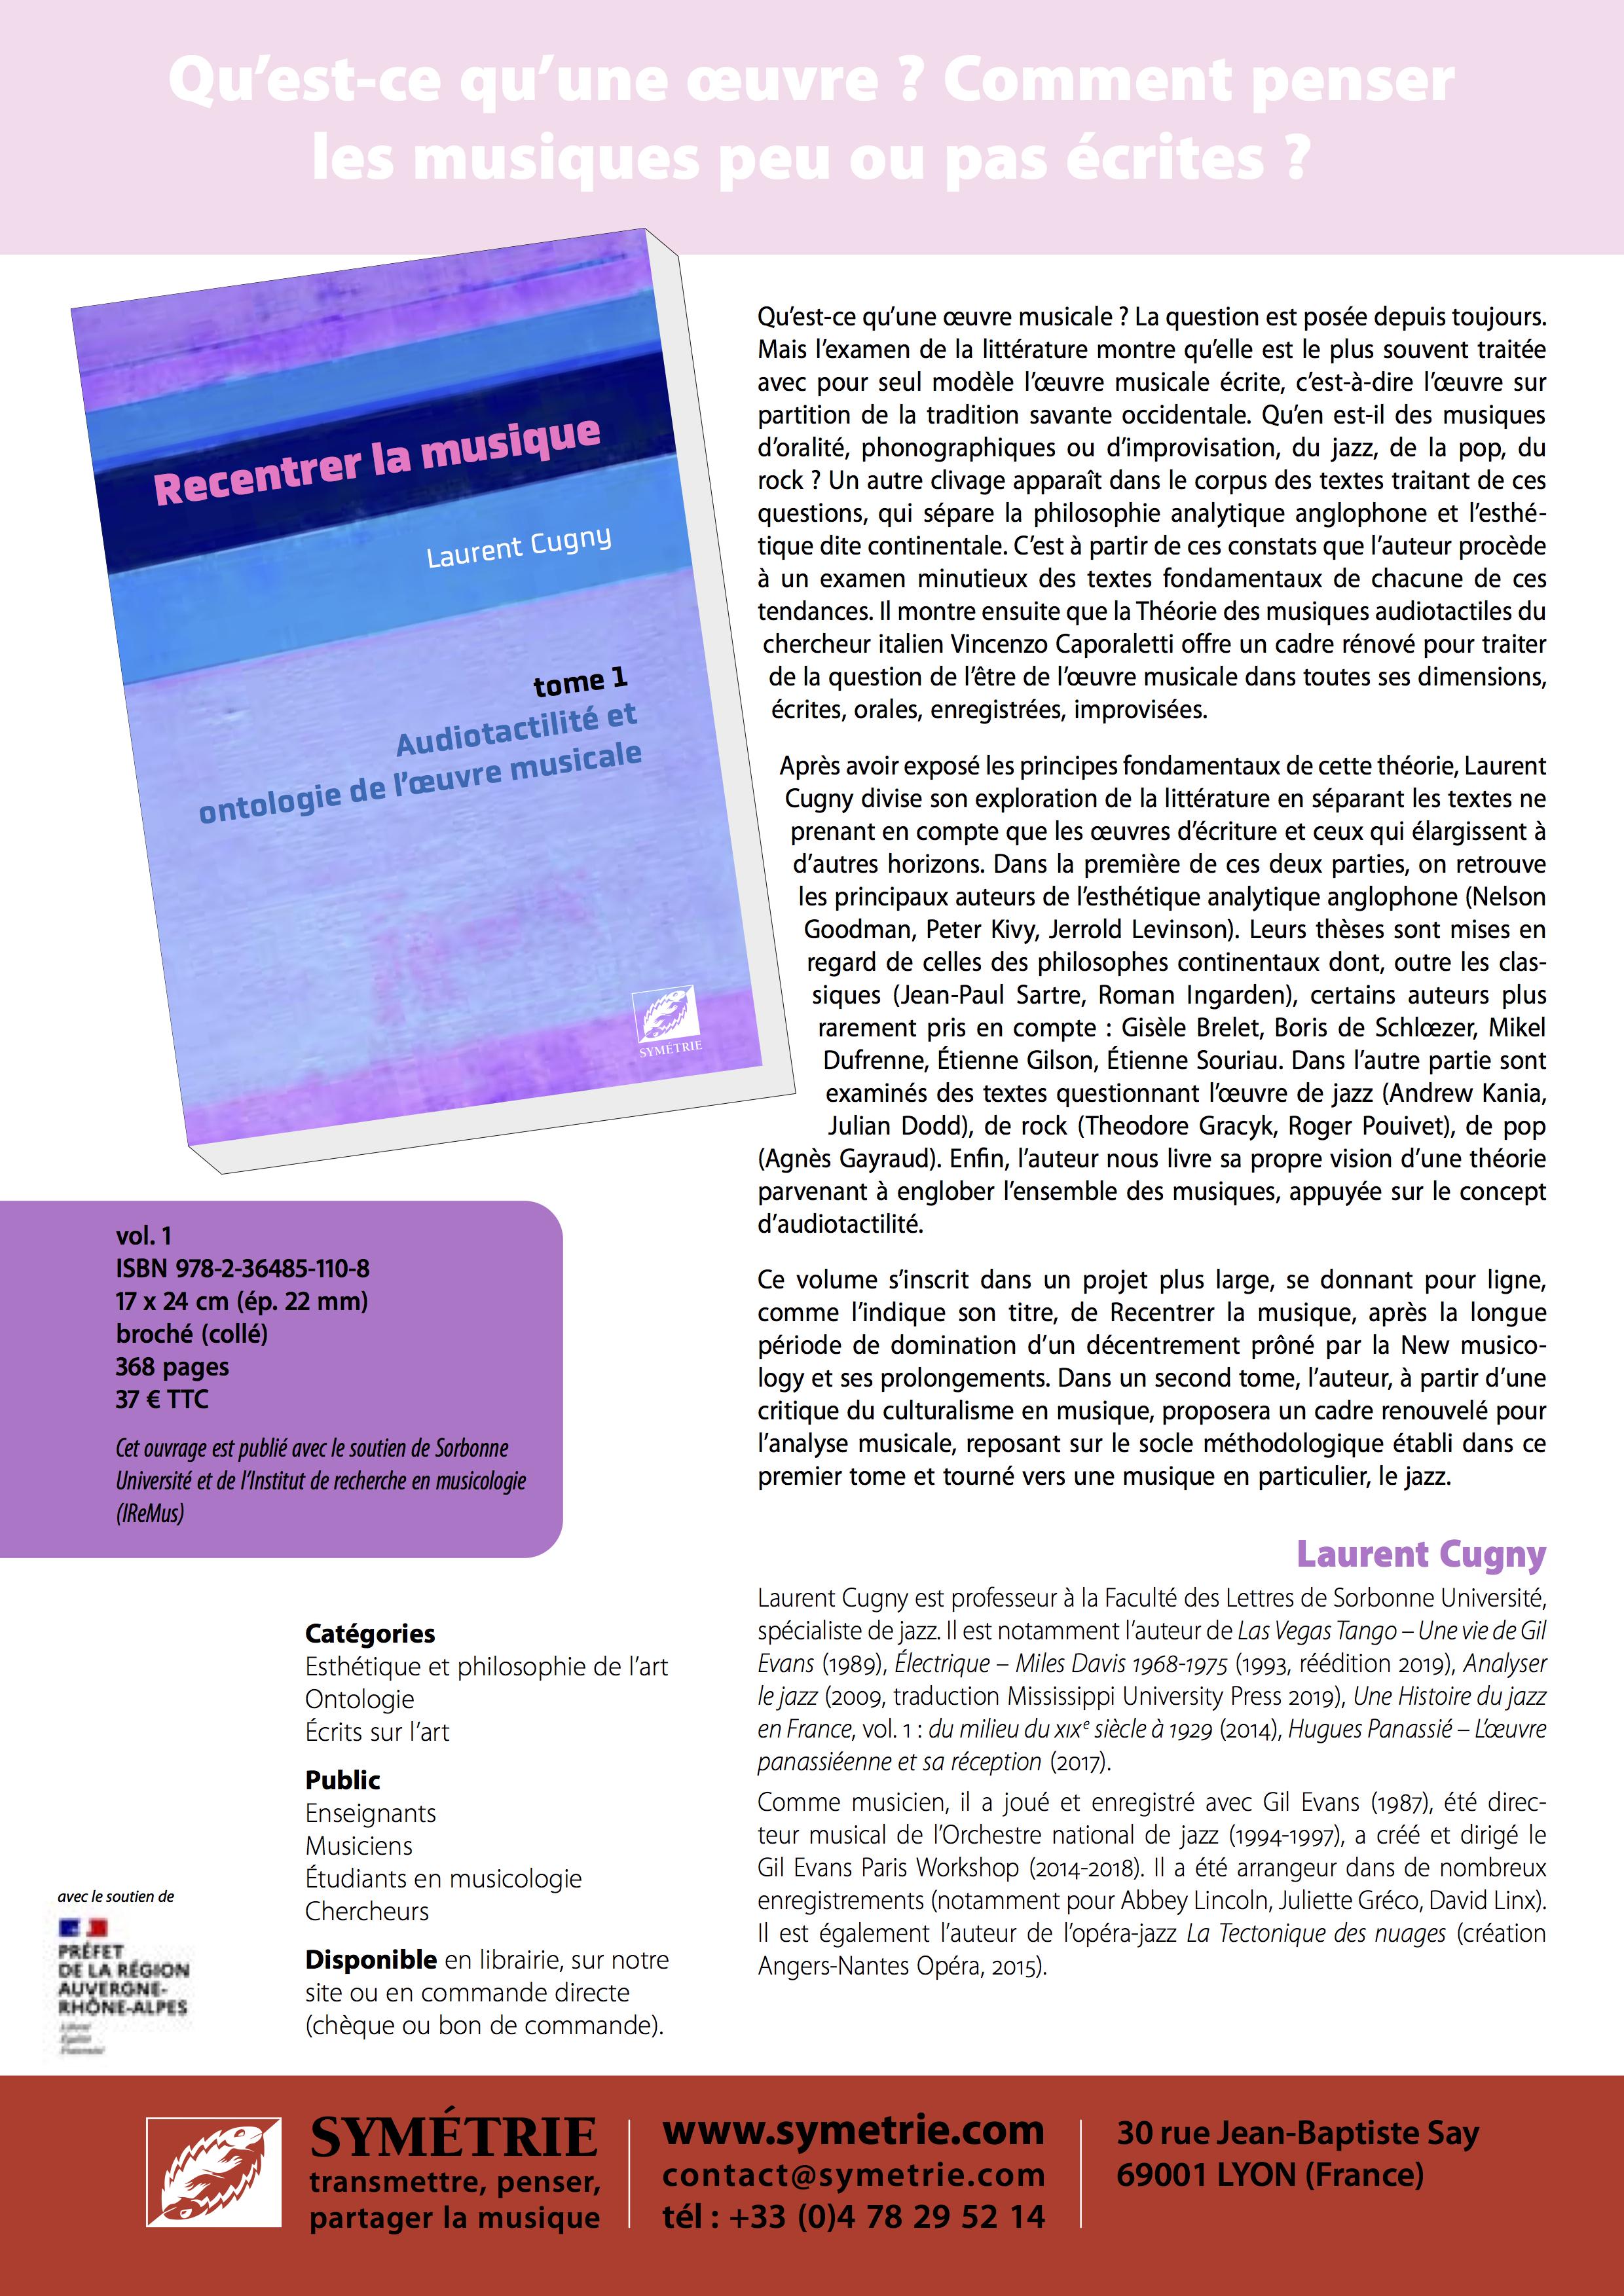 """Parution de l'ouvrage """"Recentrer la musique - Tome 1 : audiotactilité et ontologie de l'œuvre musicale""""}"""